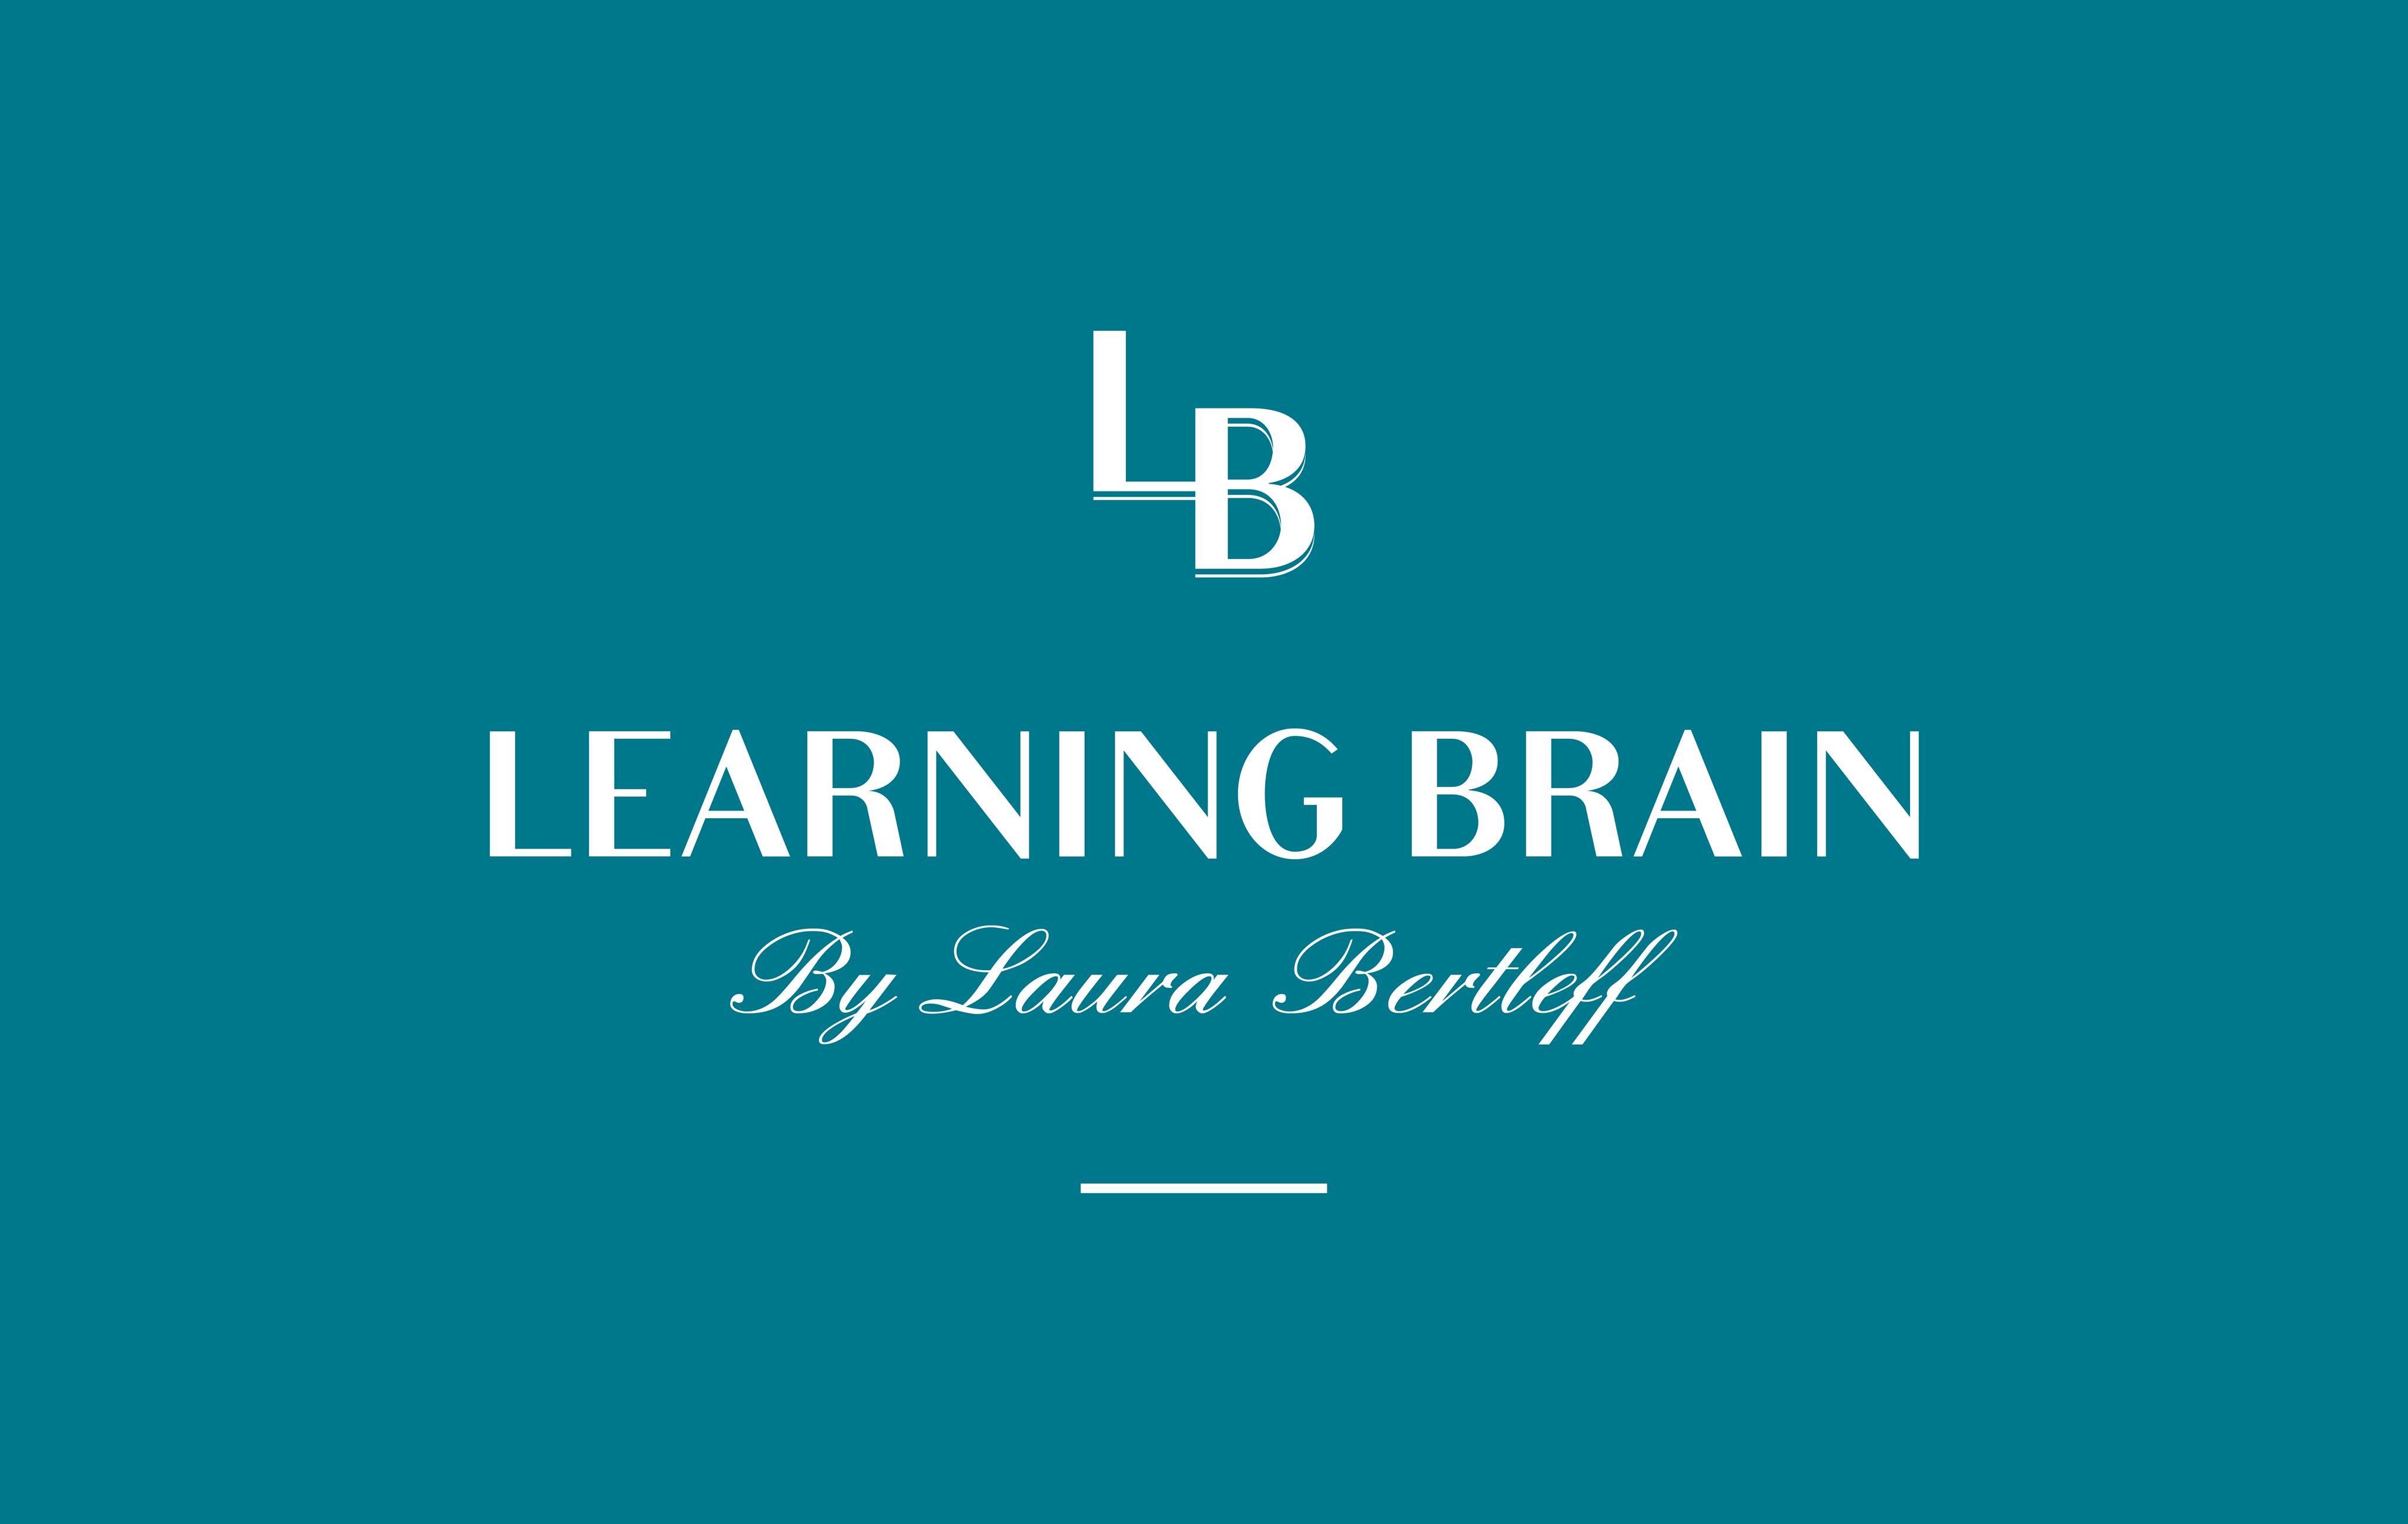 Learning Brain